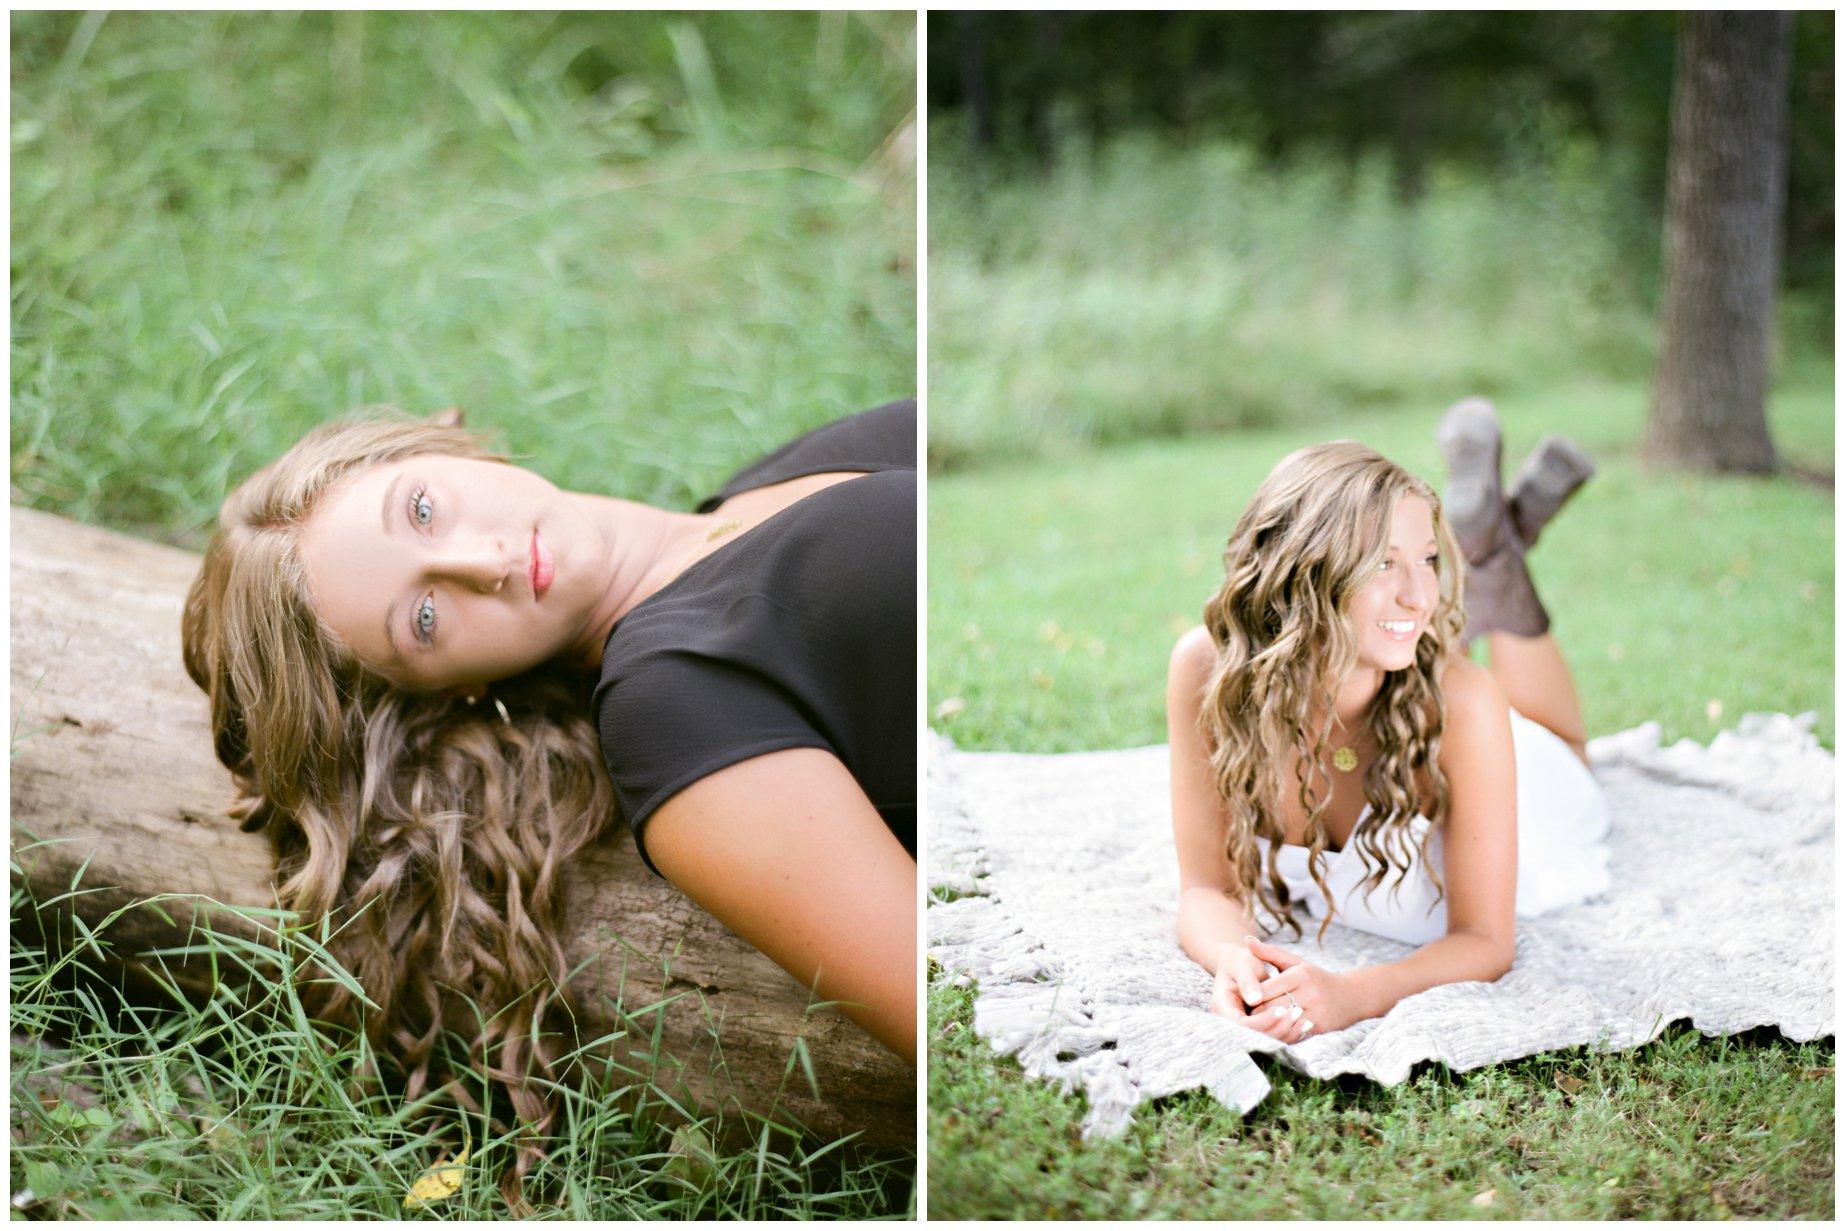 st louis photography_maternity_lauren muckler photography_film_st louis film photographer_0227.jpg